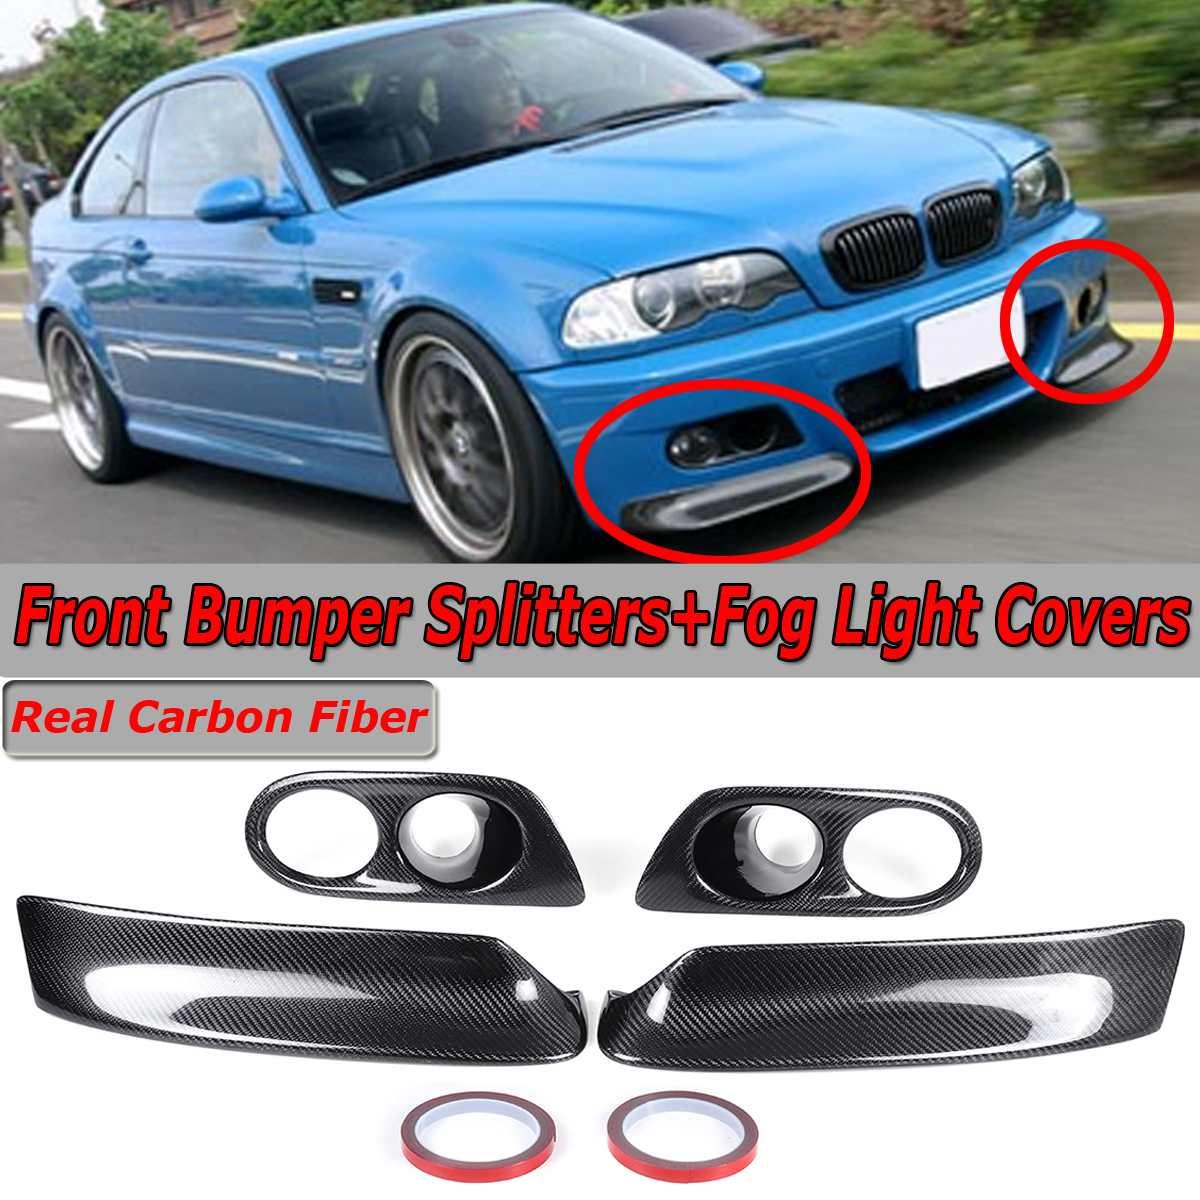 Véritable séparateur de lèvre de pare-chocs avant de voiture en Fiber de carbone + couvercle d'antibrouillard pour BMW E46 M3 2001-2006 couvercle de pare-chocs avant de Style CSL